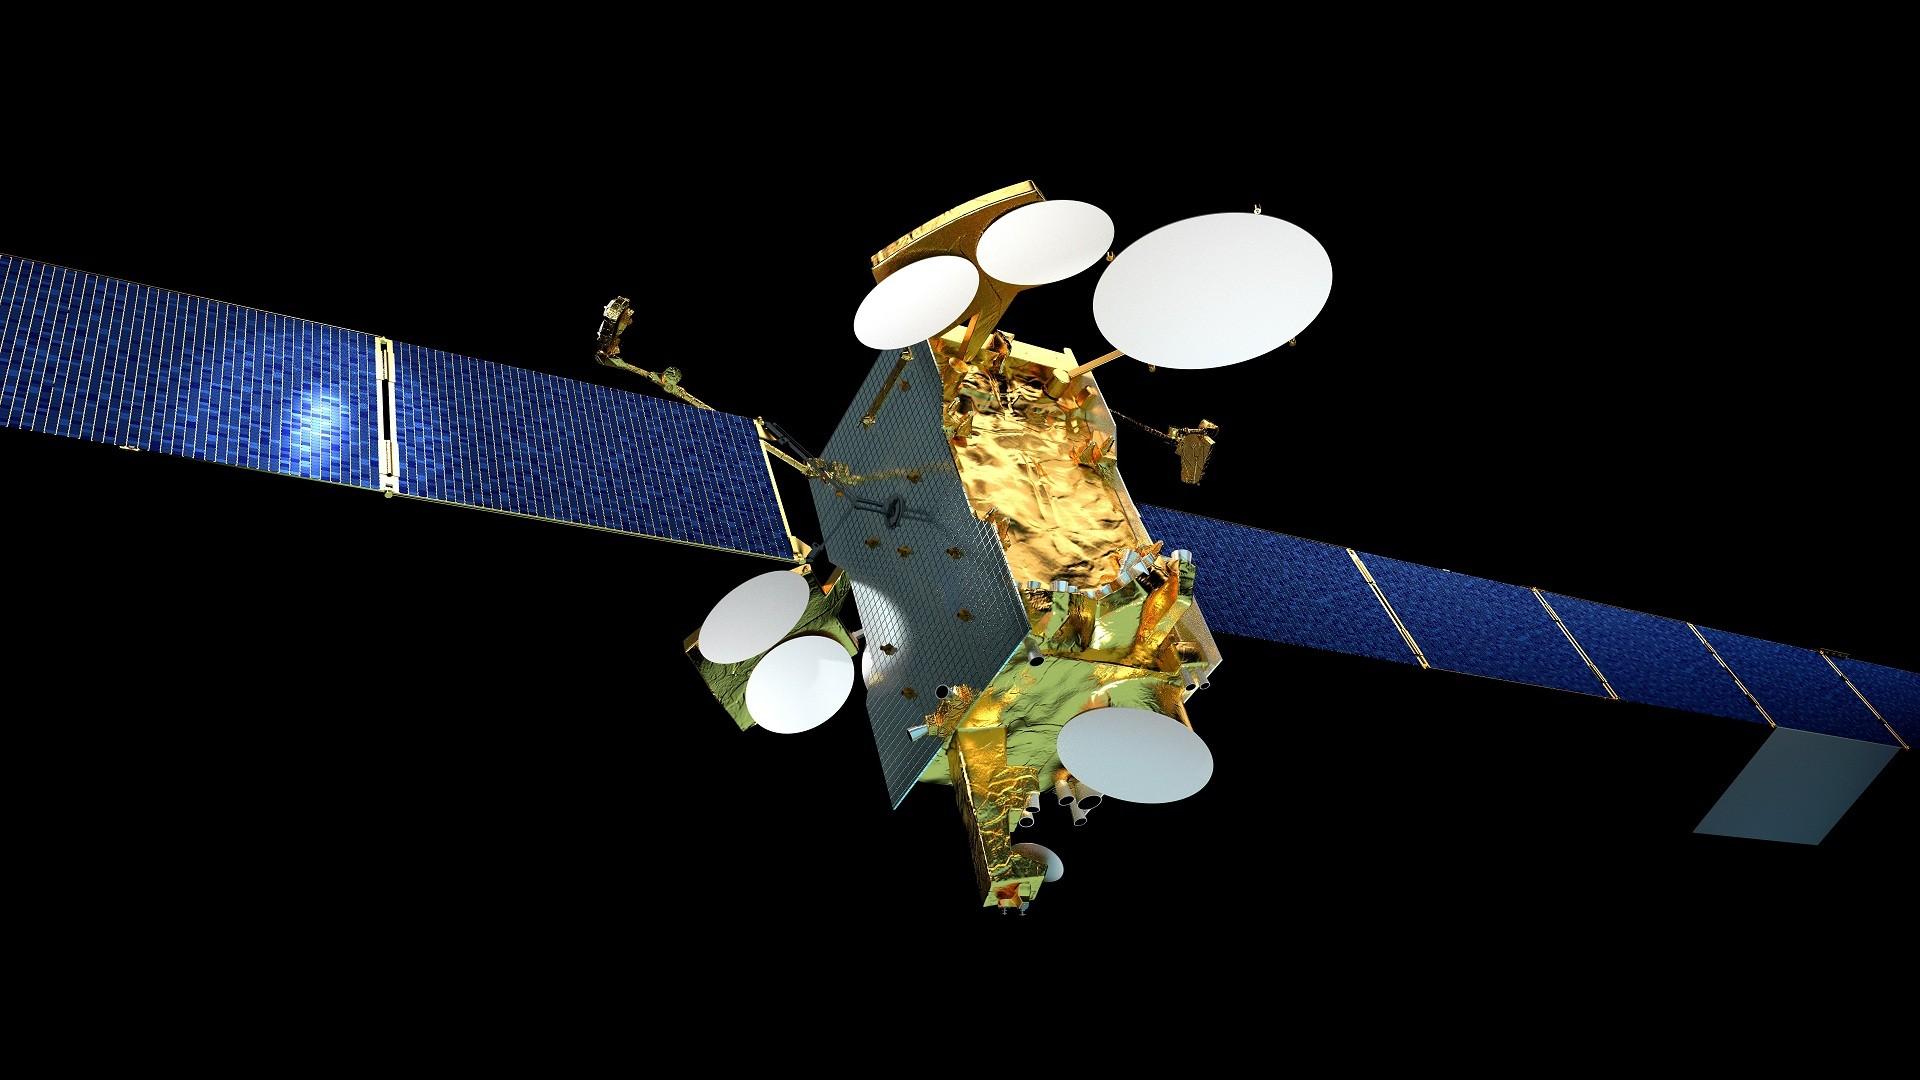 Ilustração do SES-14 (Foto: Divulgação)